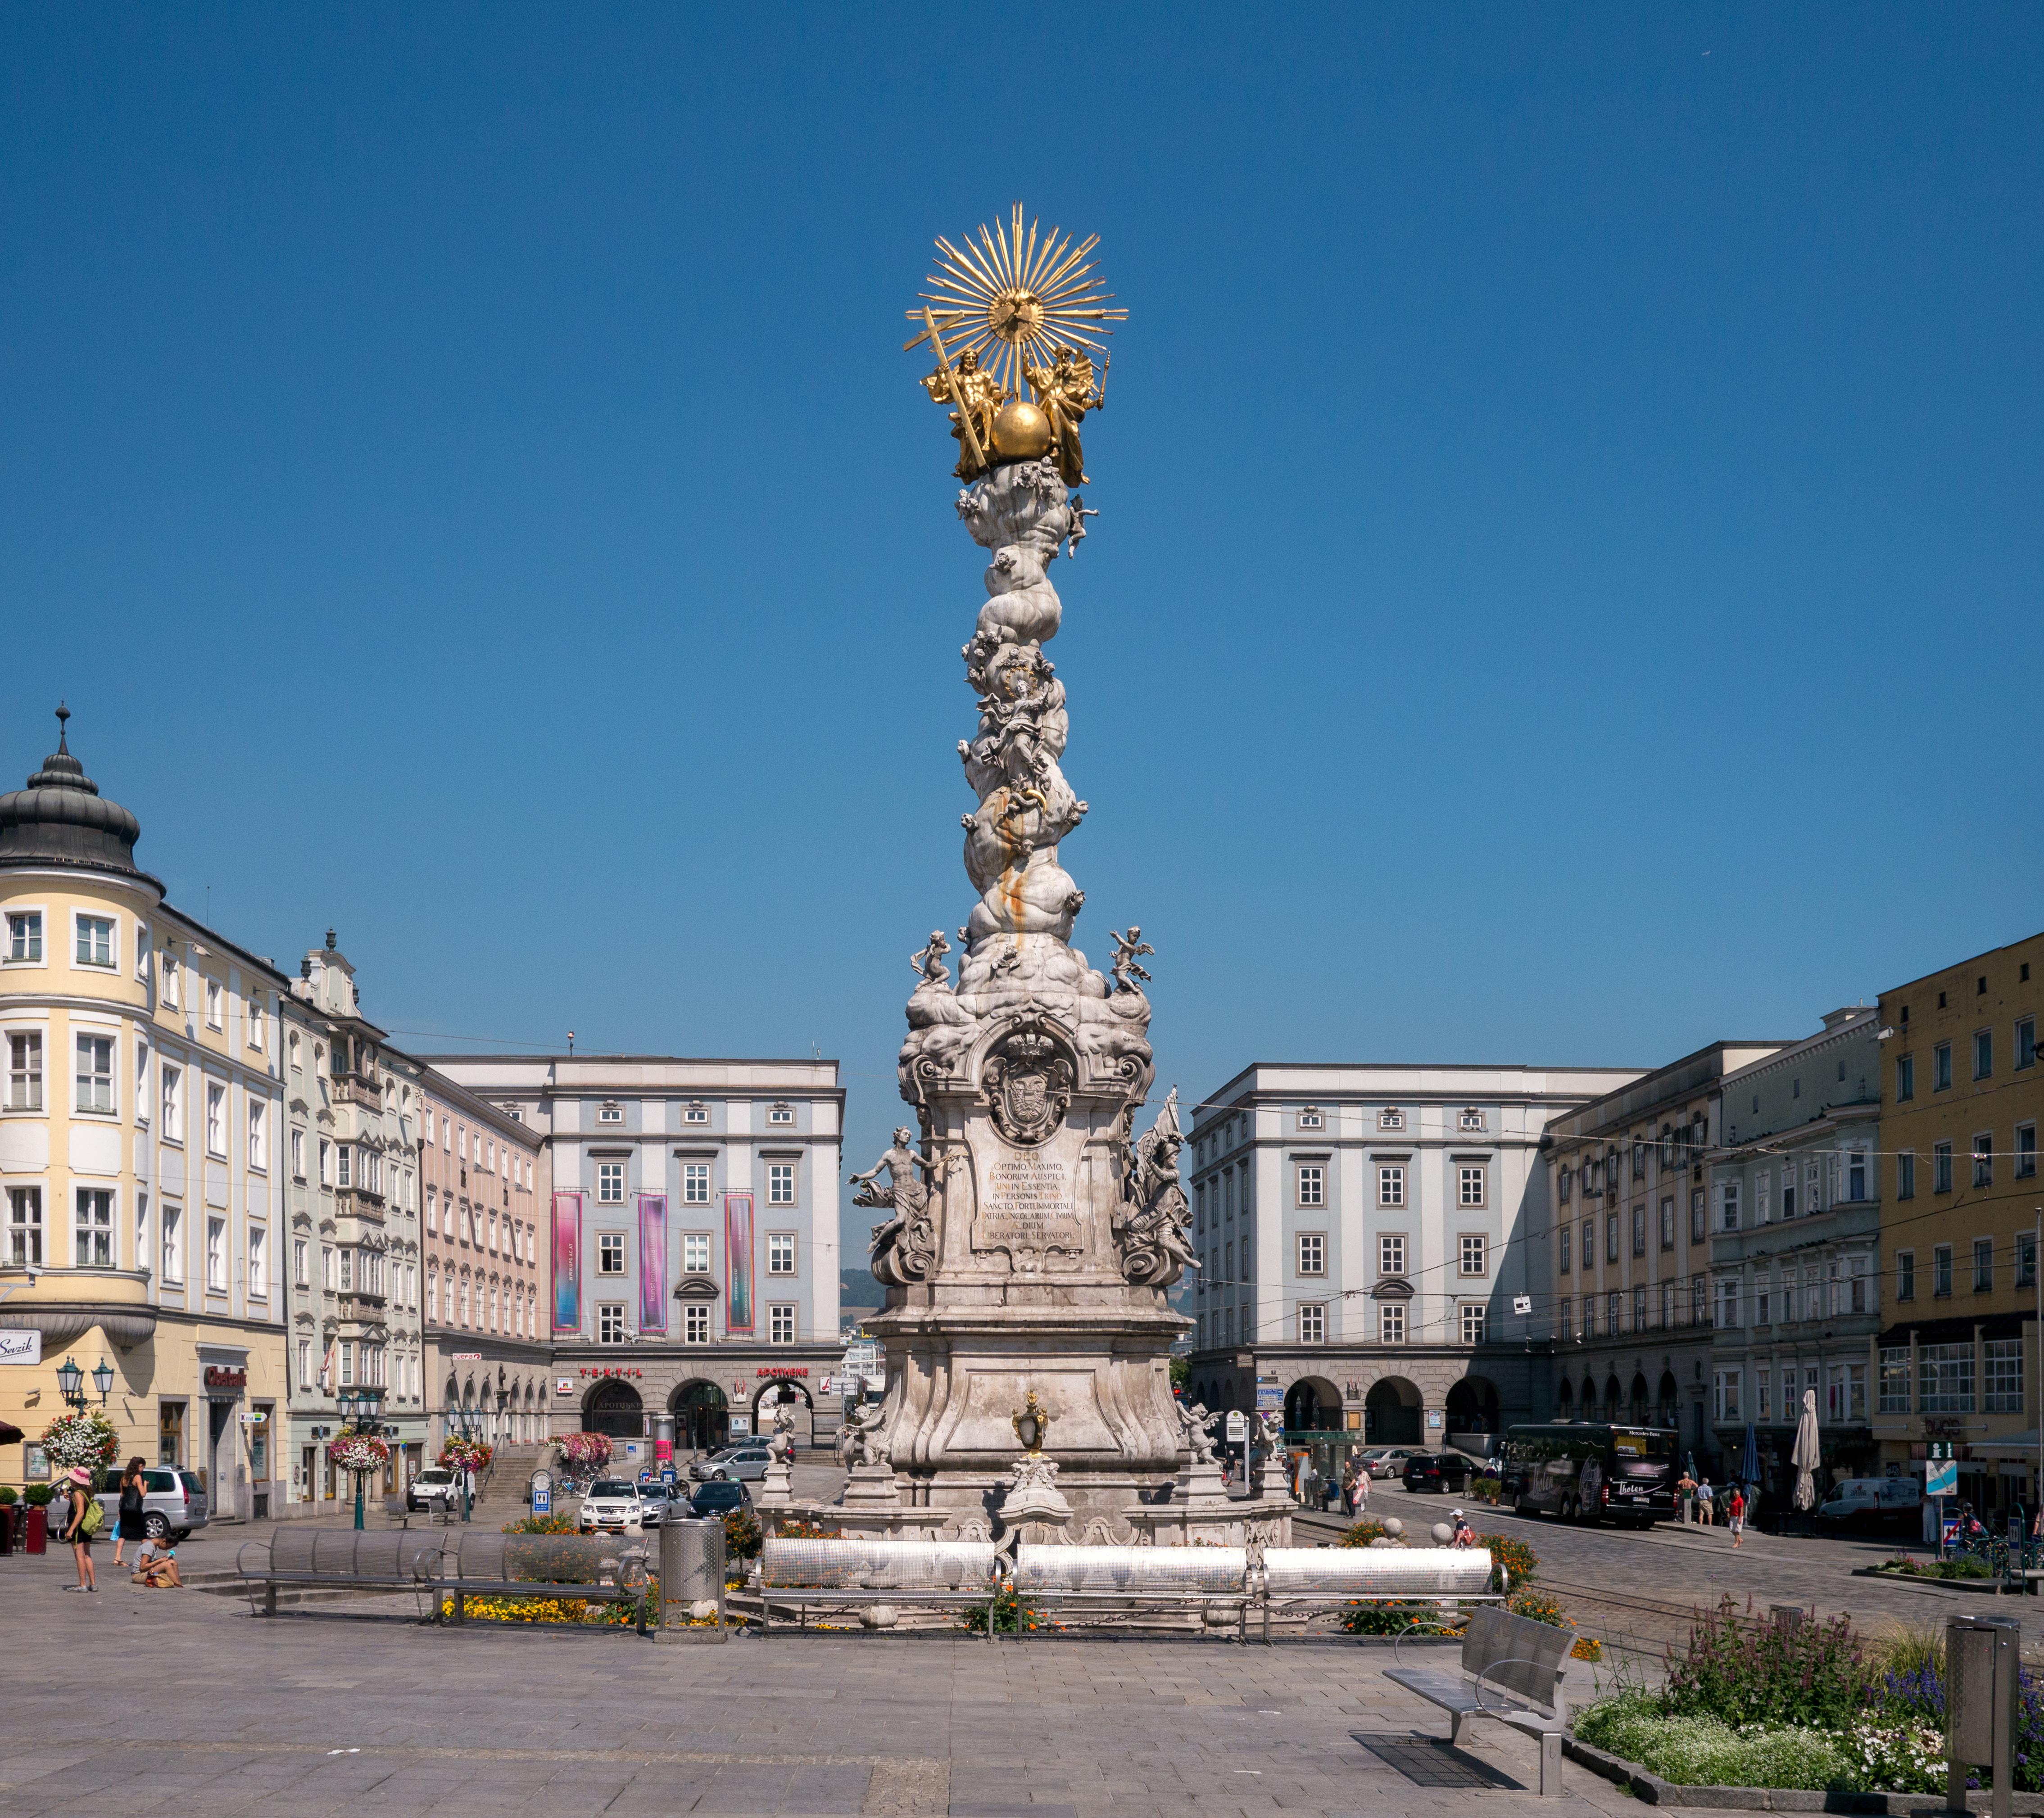 Linz: File:Linz Dreifaltigkeitssäule.jpg